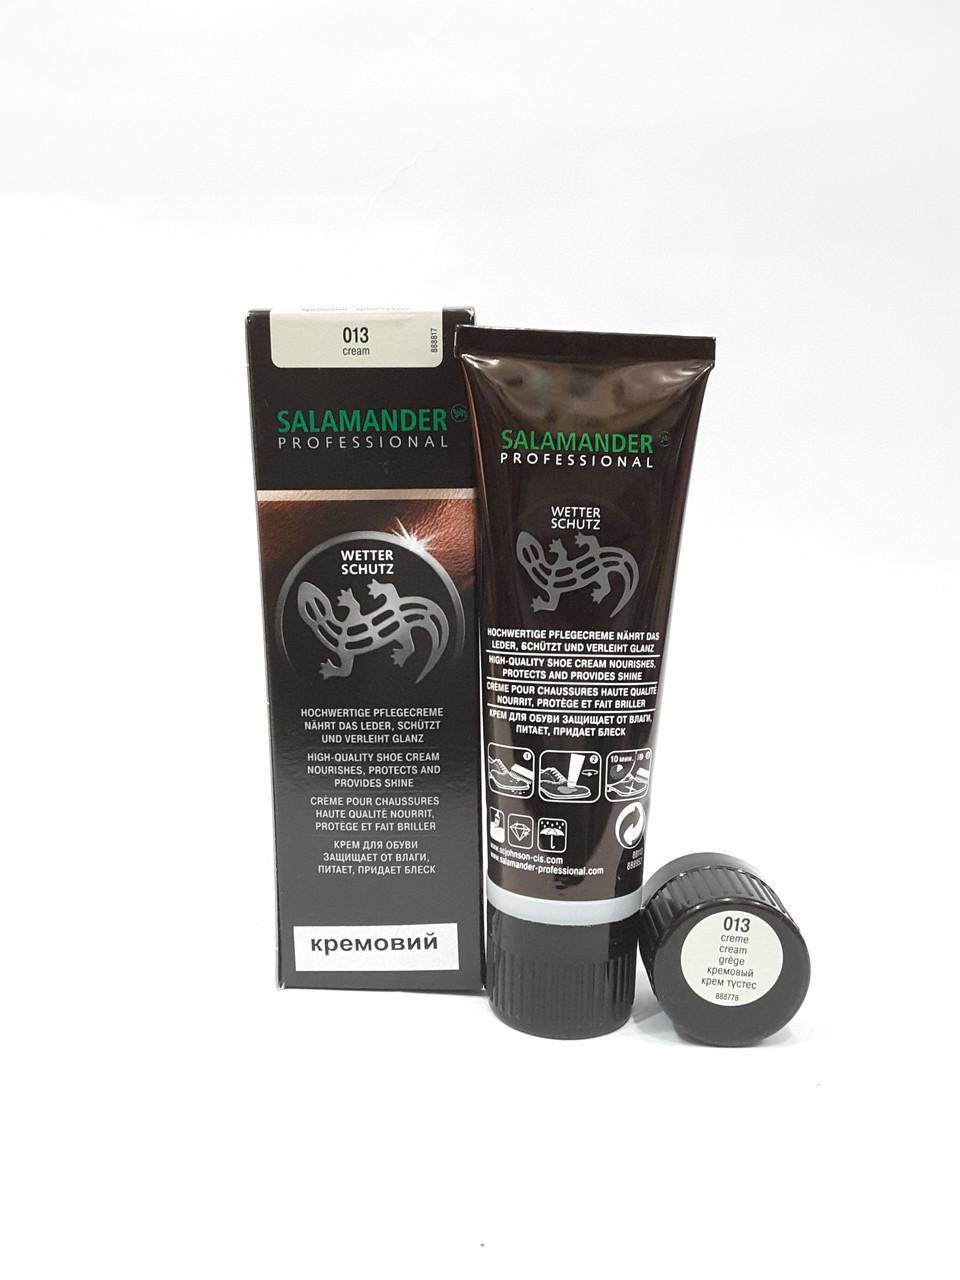 Крем для гладкой кожи в тубе Salamander Wetter Schutz кремовый